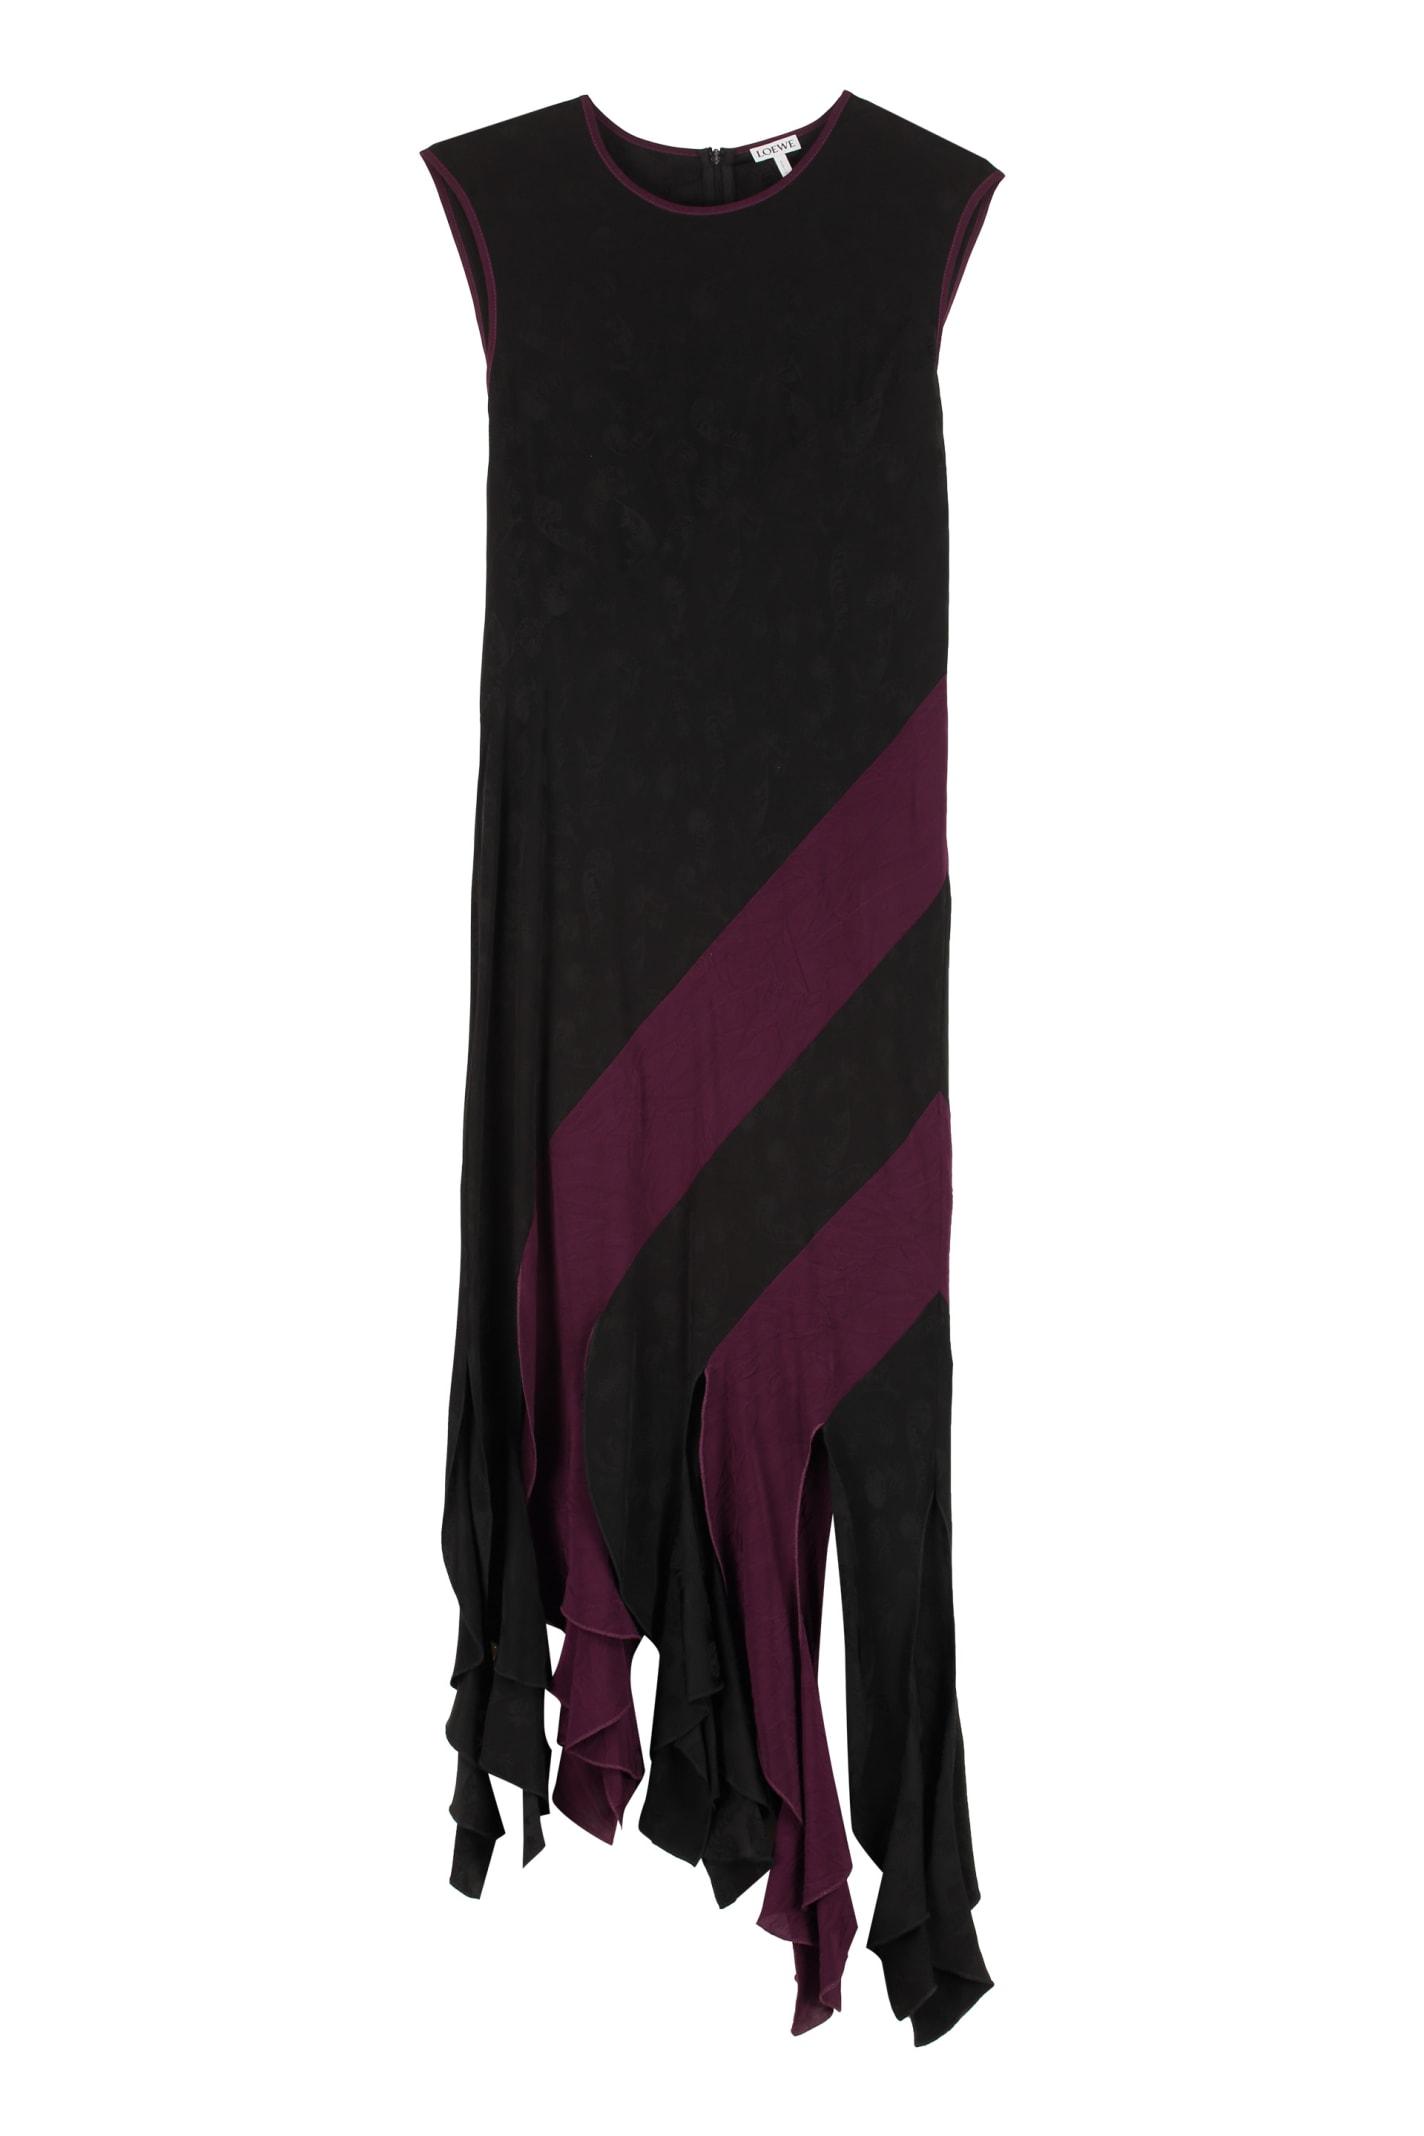 Buy Loewe Jacquard Dress online, shop Loewe with free shipping